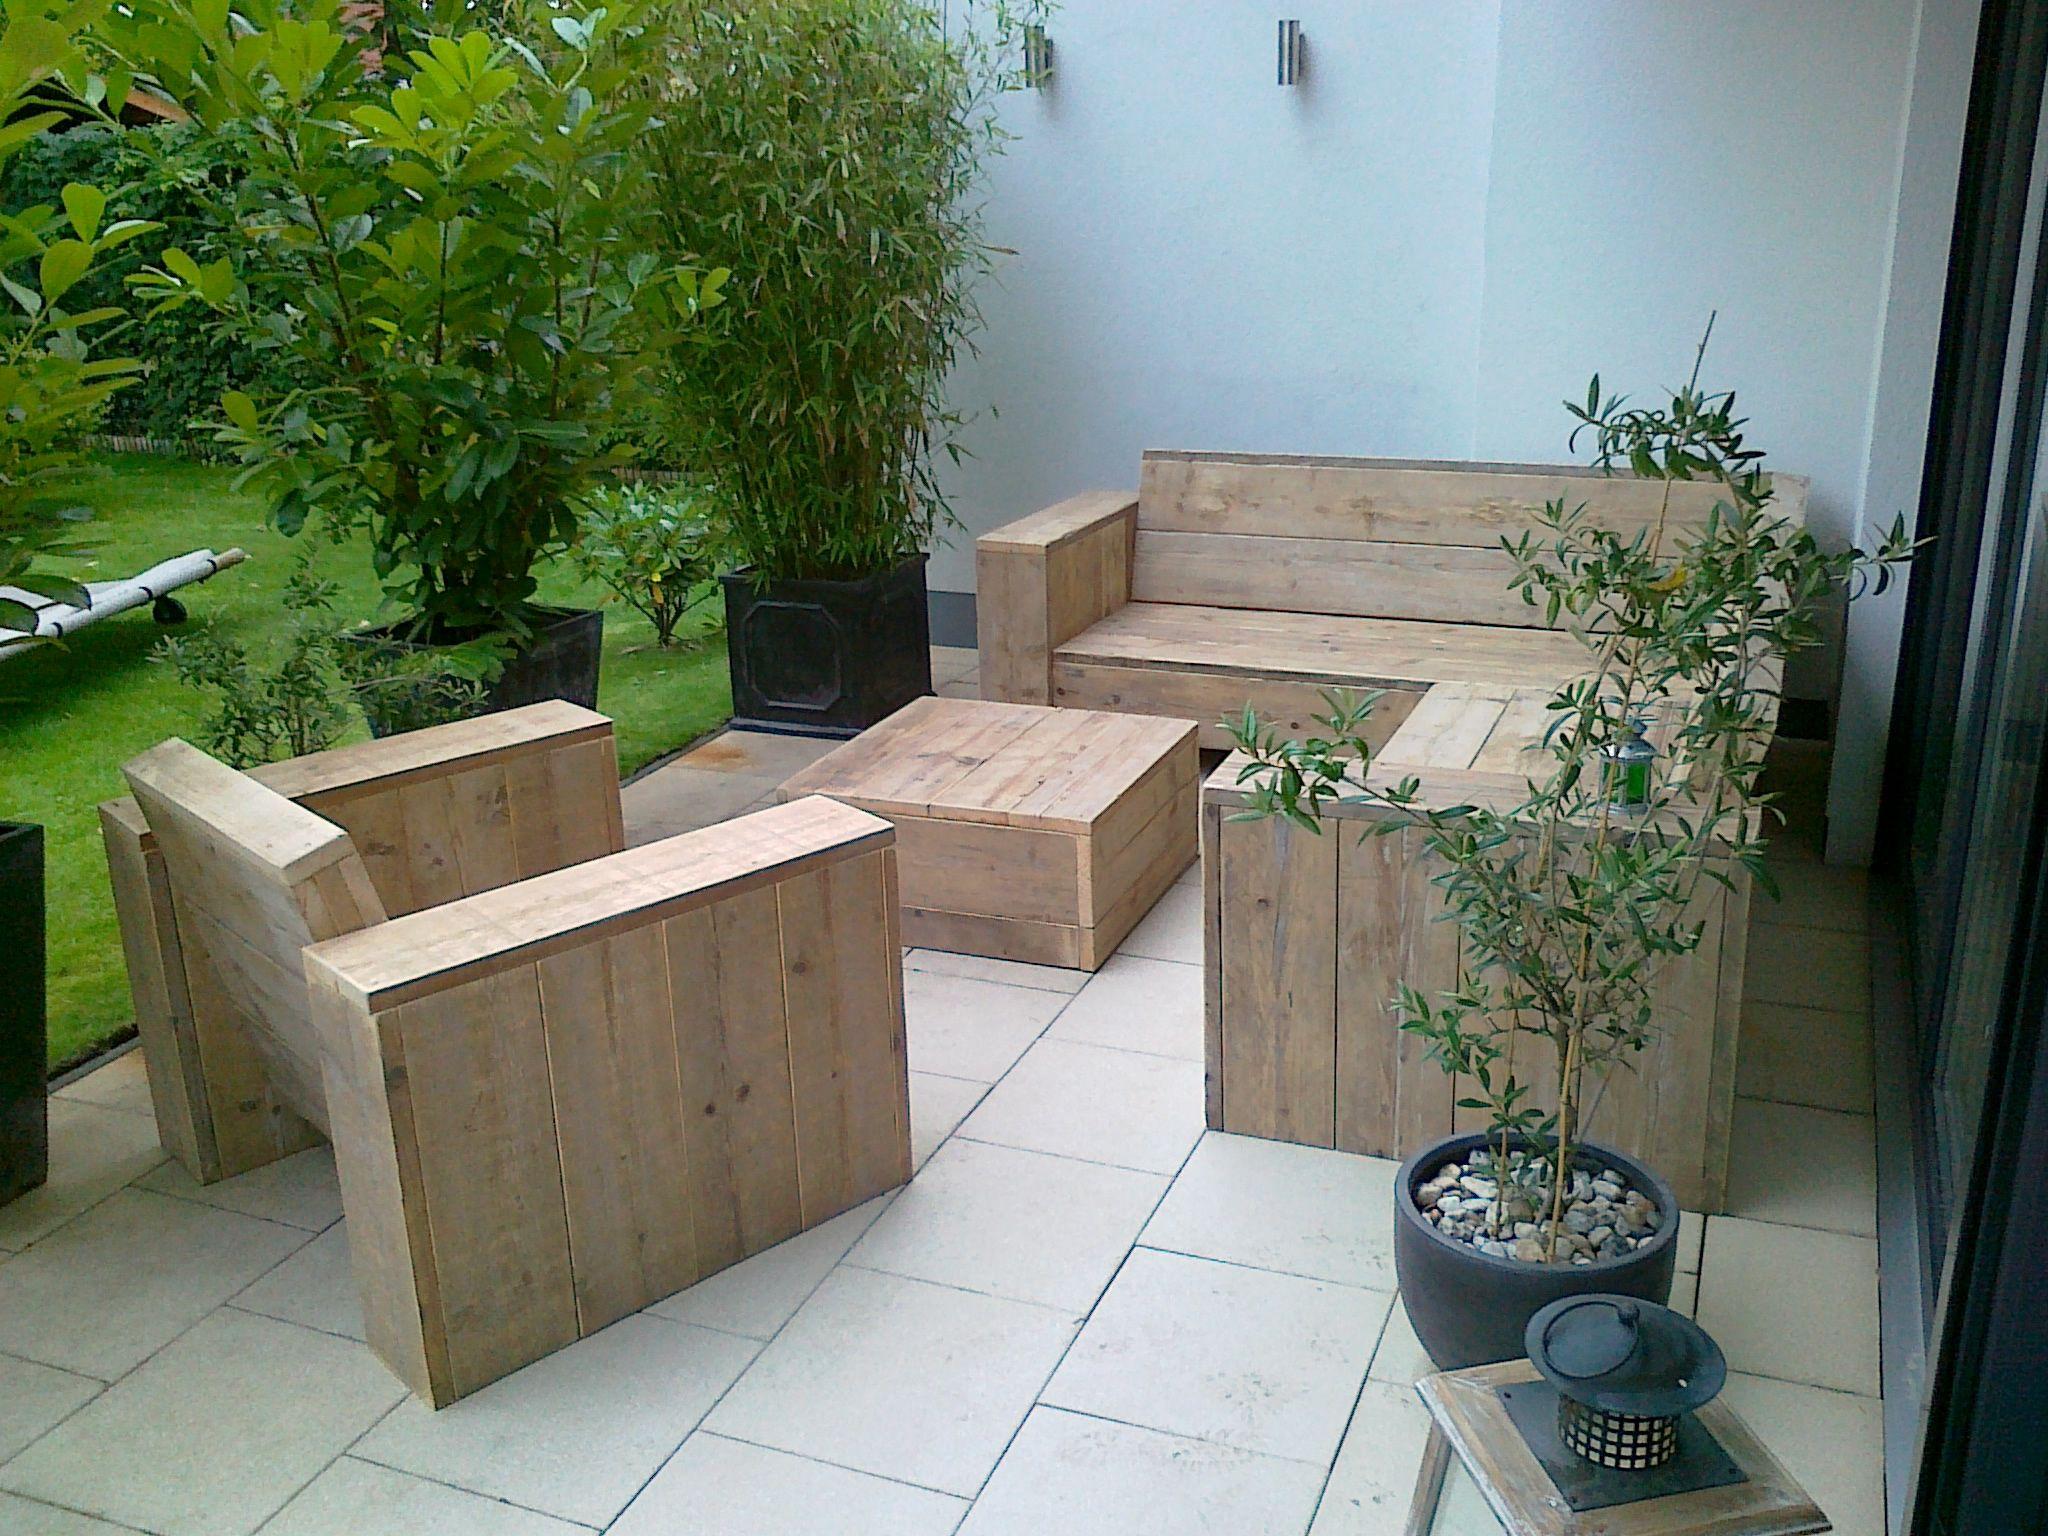 Steigerhouten winkelinrichting tafel meubels lounge hoek bank bed